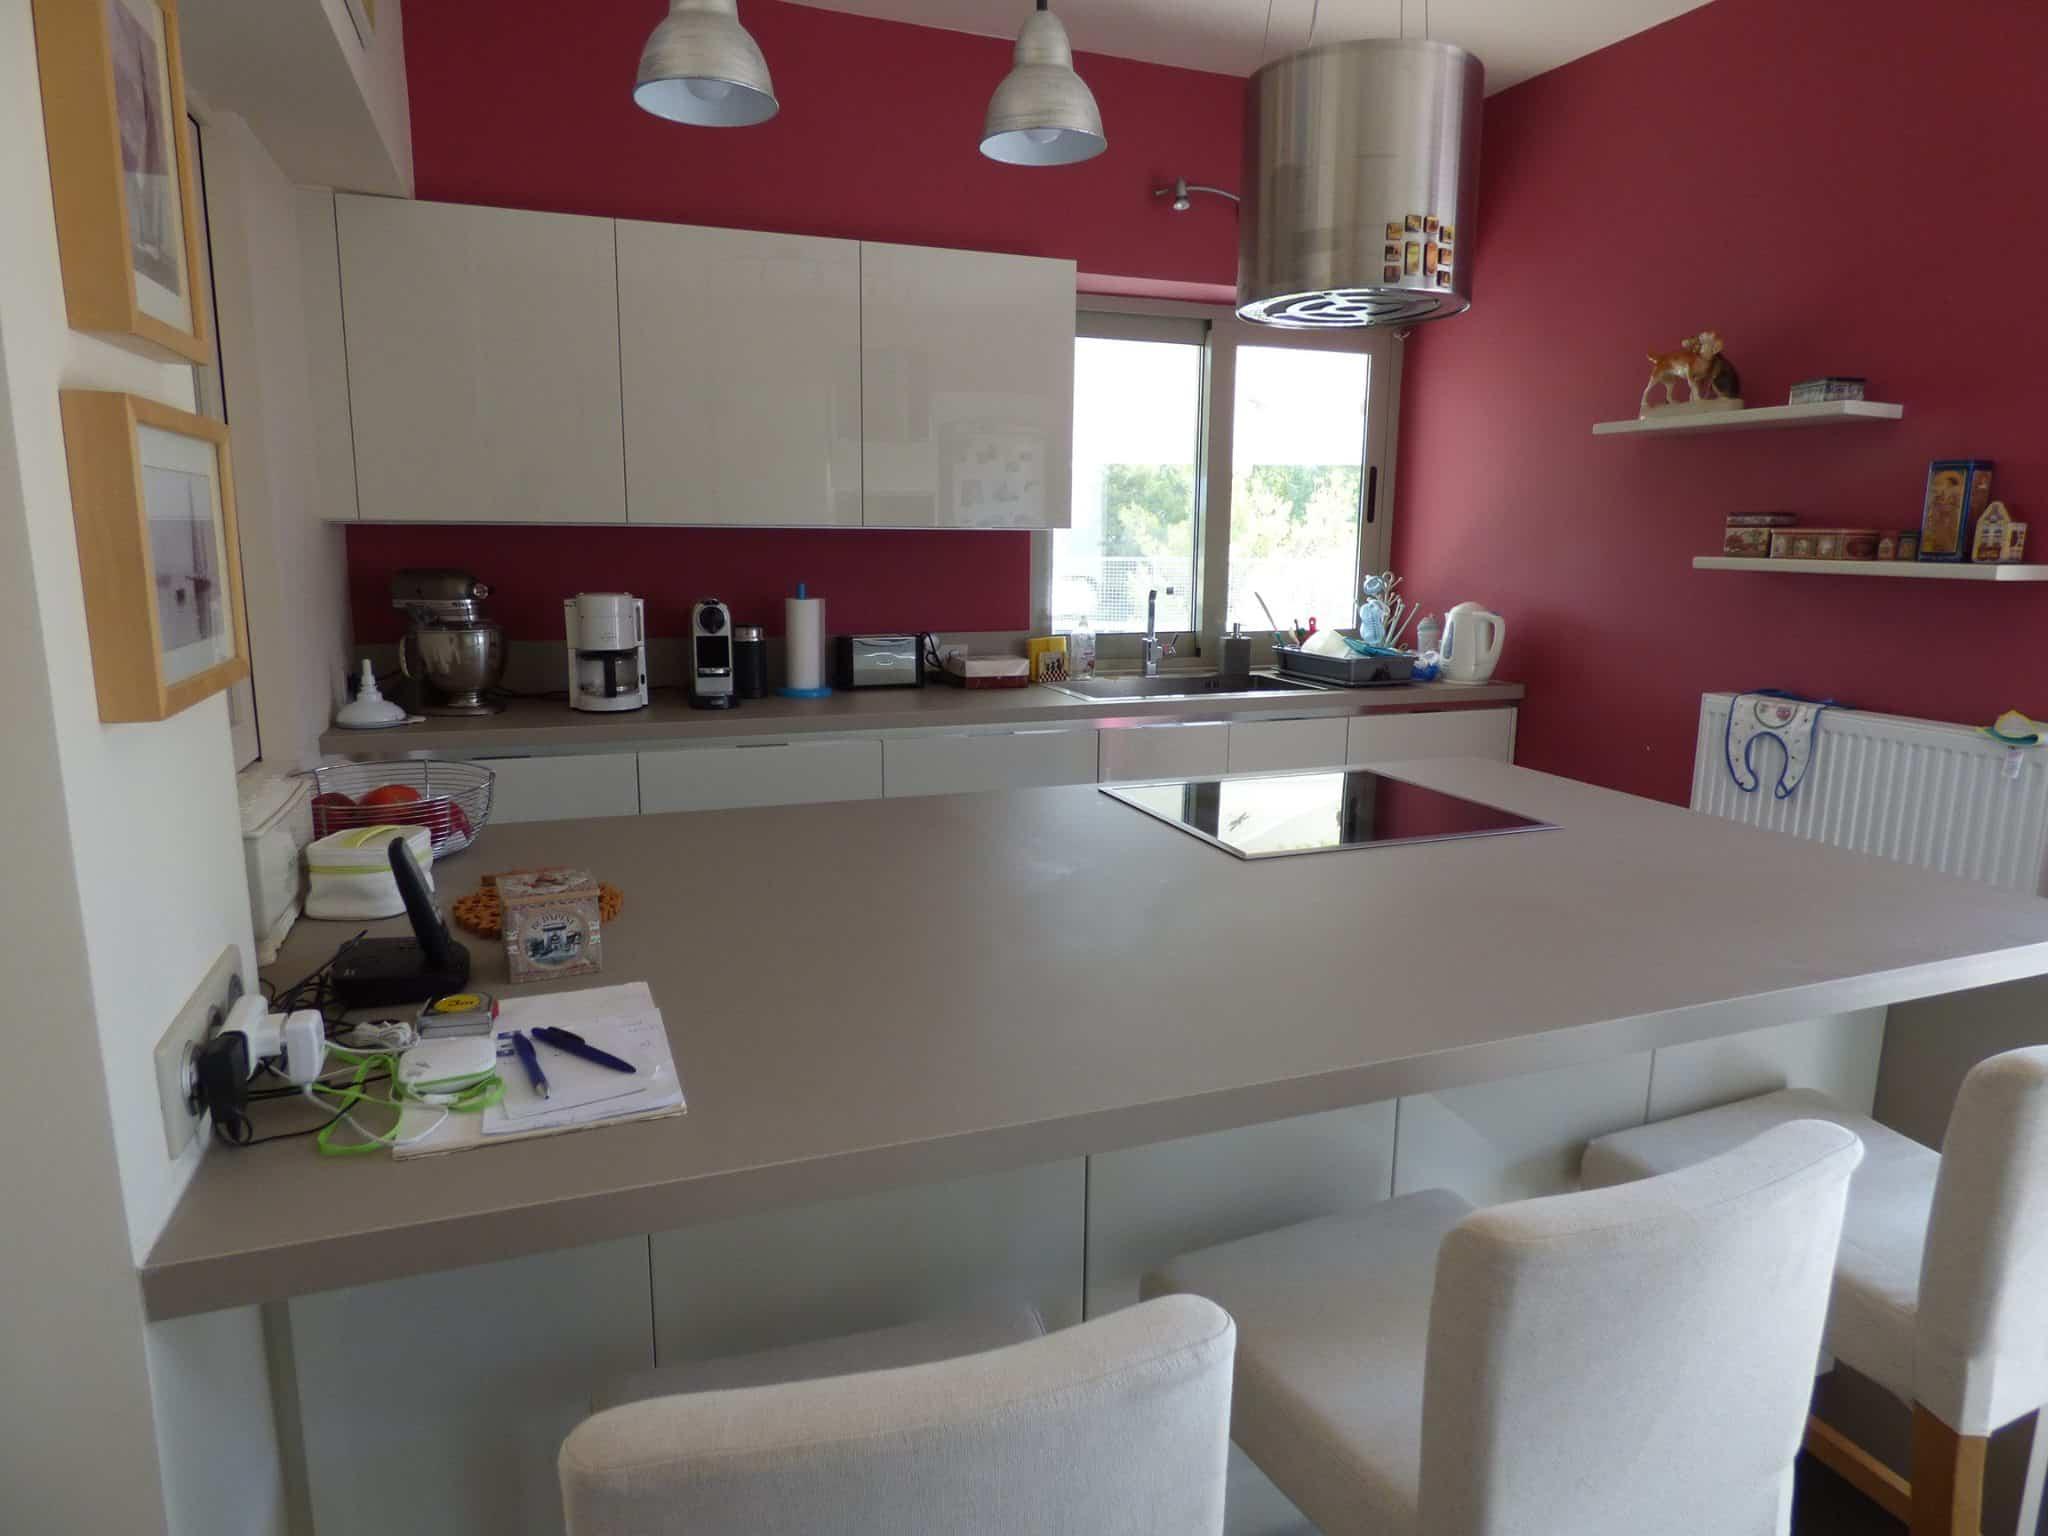 Έπιπλα Κουζίνας Λάκας Nexa με χωνετή λαβή Gola και πάγκους Νανοτεχνολογίας FENIX NTM® χρωματισμού Zinco Doha 21